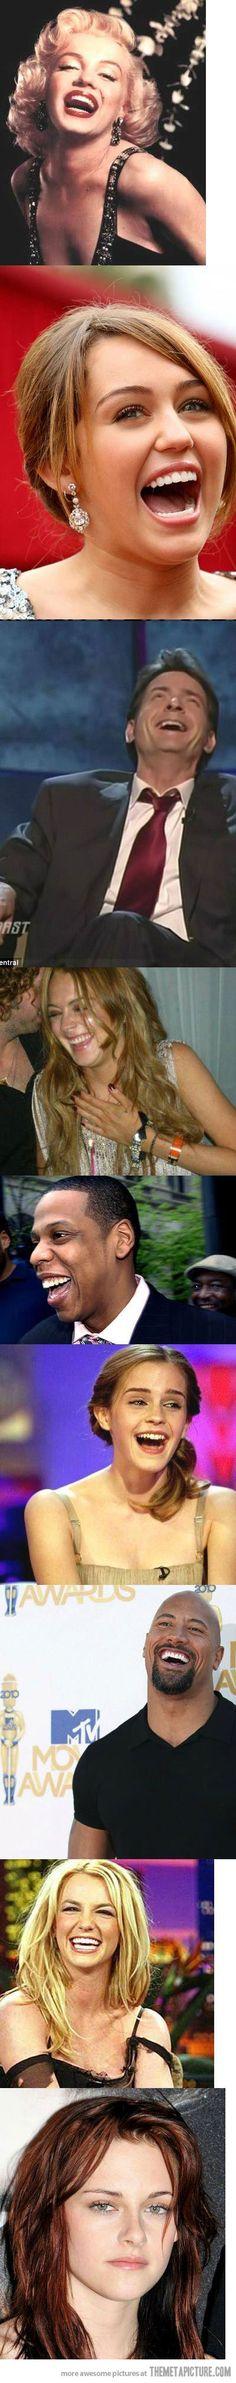 How famous celebrities laugh… LOL =D